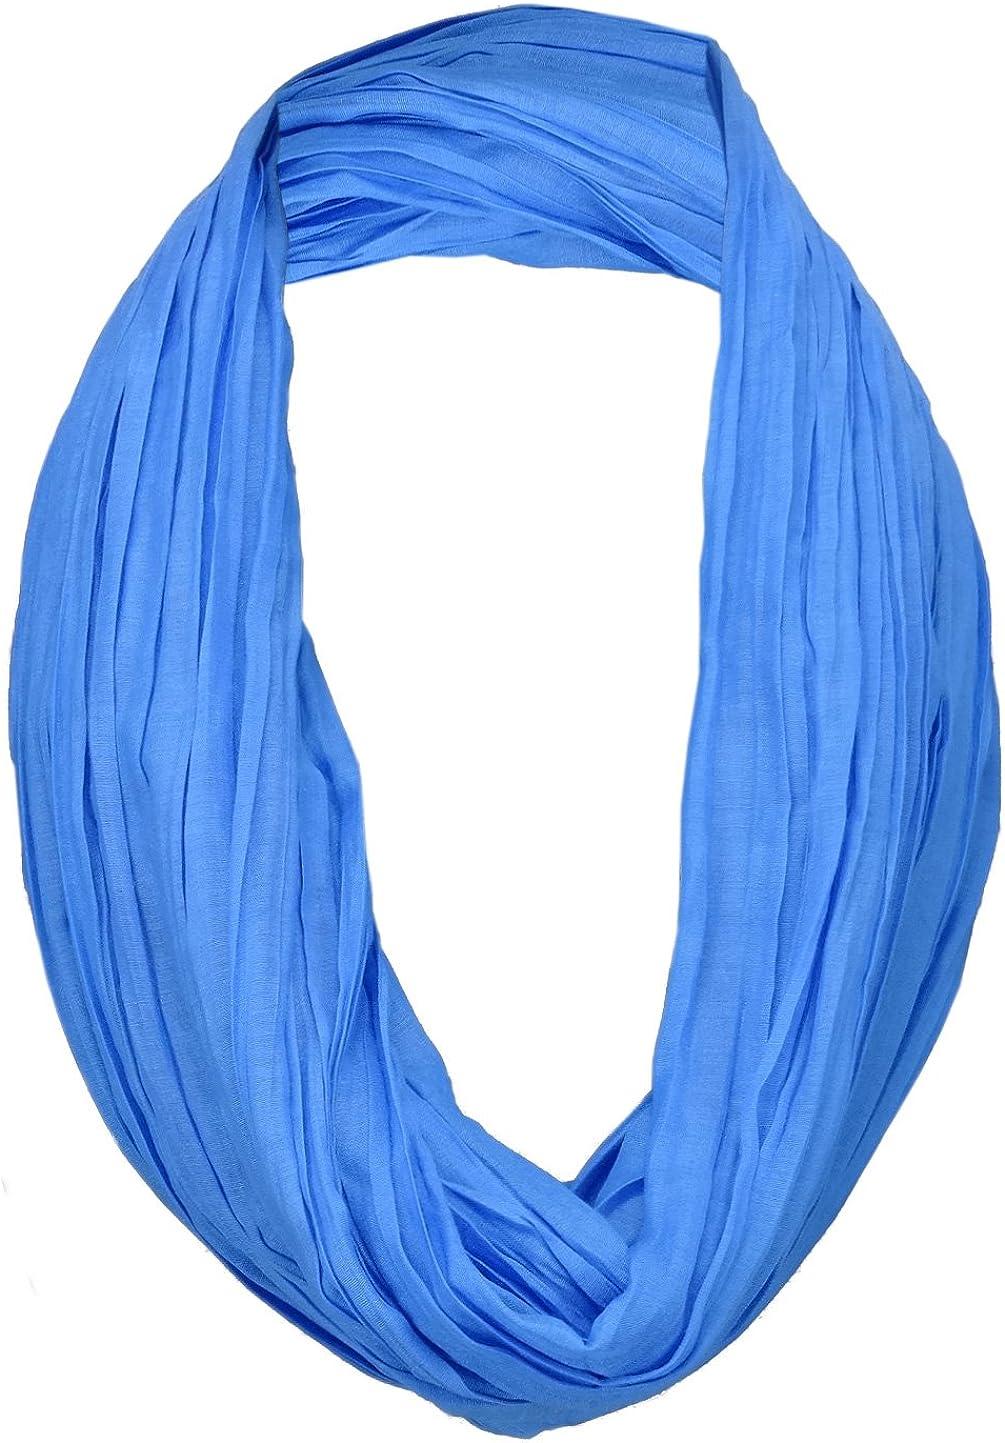 TigerTie Loop Schal in blau royalblau einfarbig Uni Schlauchschal Rundschal